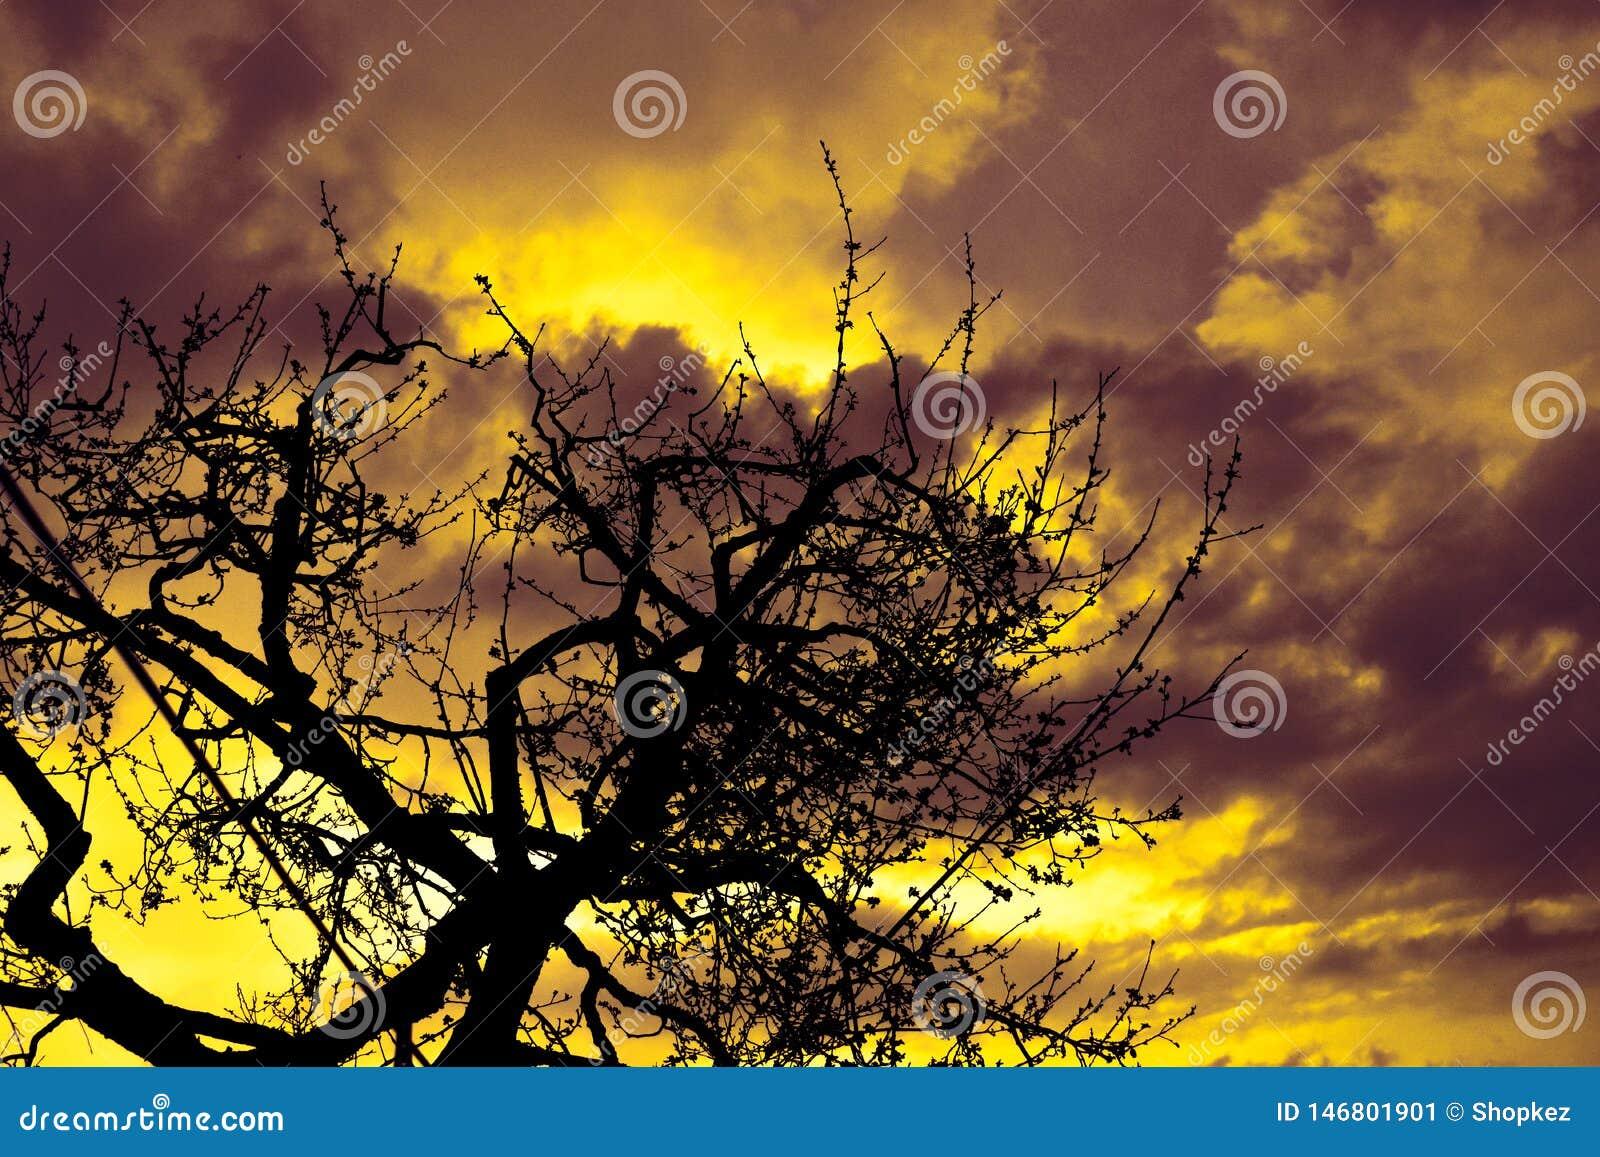 Πολυ χρωματισμένο ηλιοβασίλεμα με τα σύννεφα σκιαγραφιών δέντρων γραμμών και πυρκαγιάς